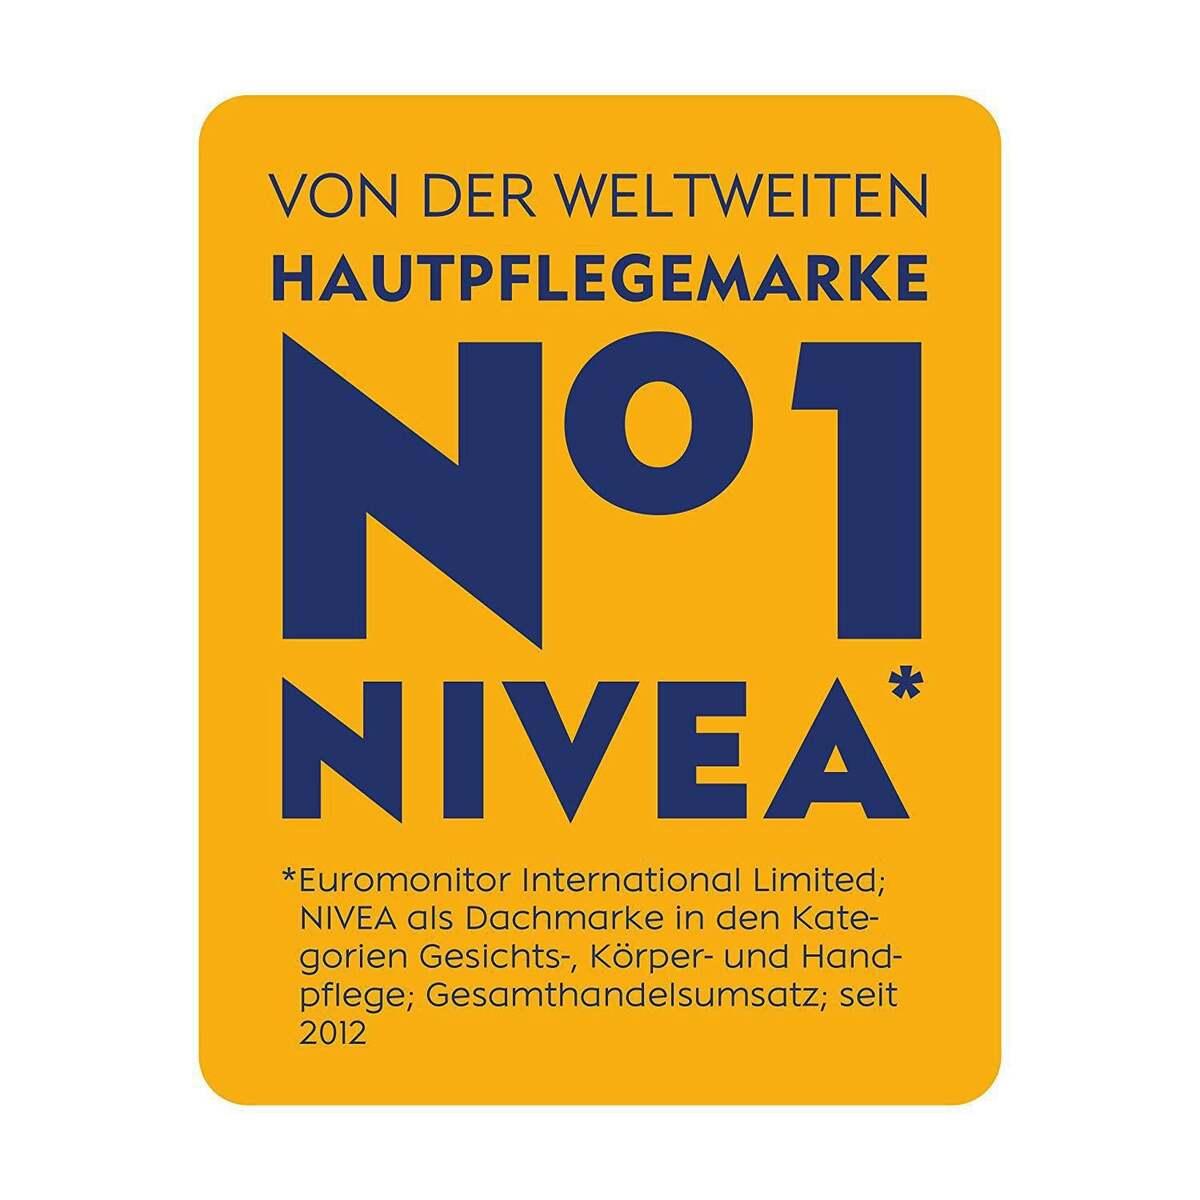 Bild 4 von NIVEA Q10 plus Hautstraffende Body Lotion 12.48 EUR/ 1 l